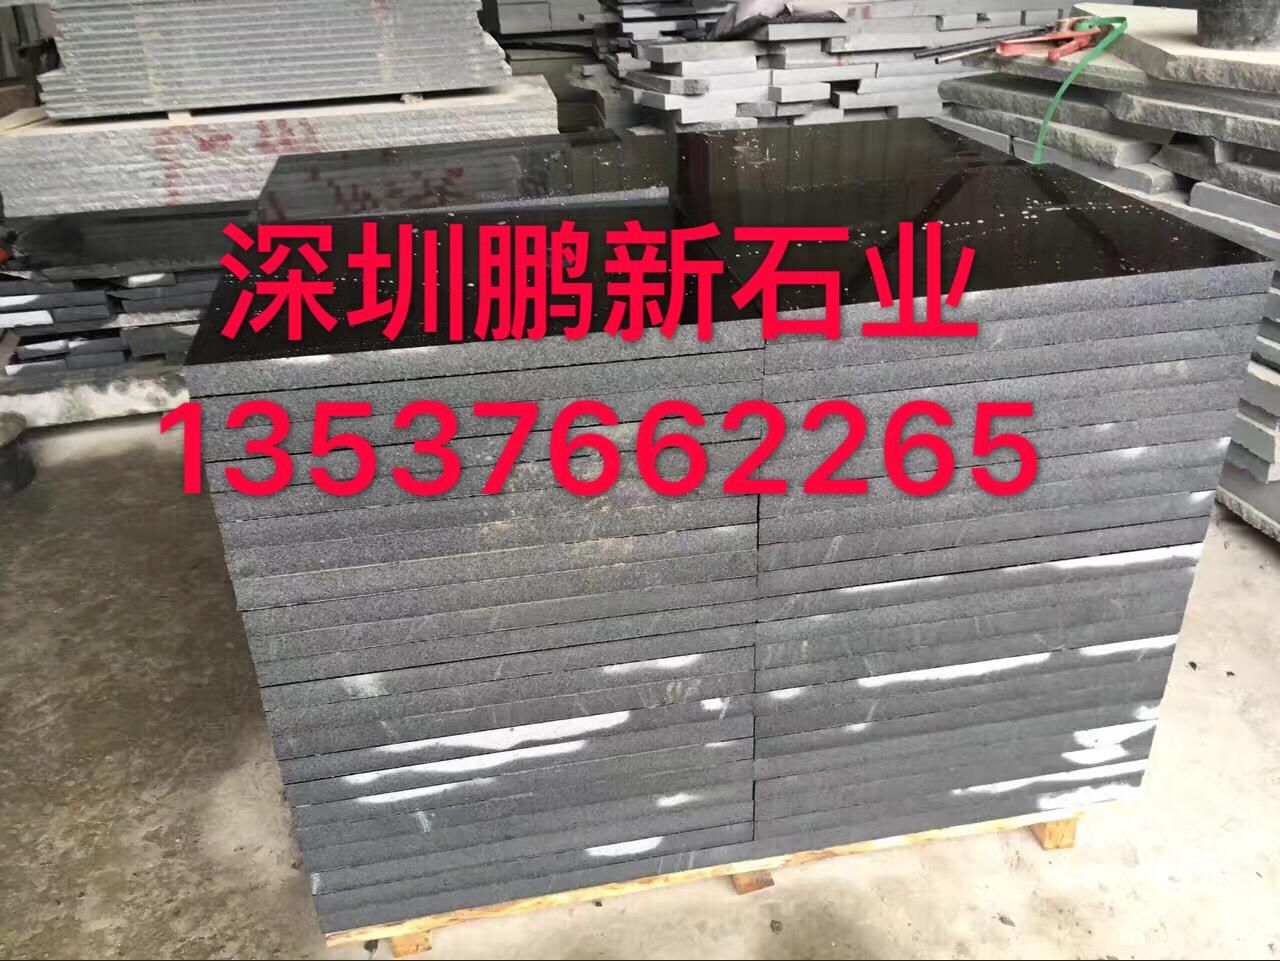 廣州大理石廠家 廣州花崗岩廠家直銷 廣州石材廠家  3